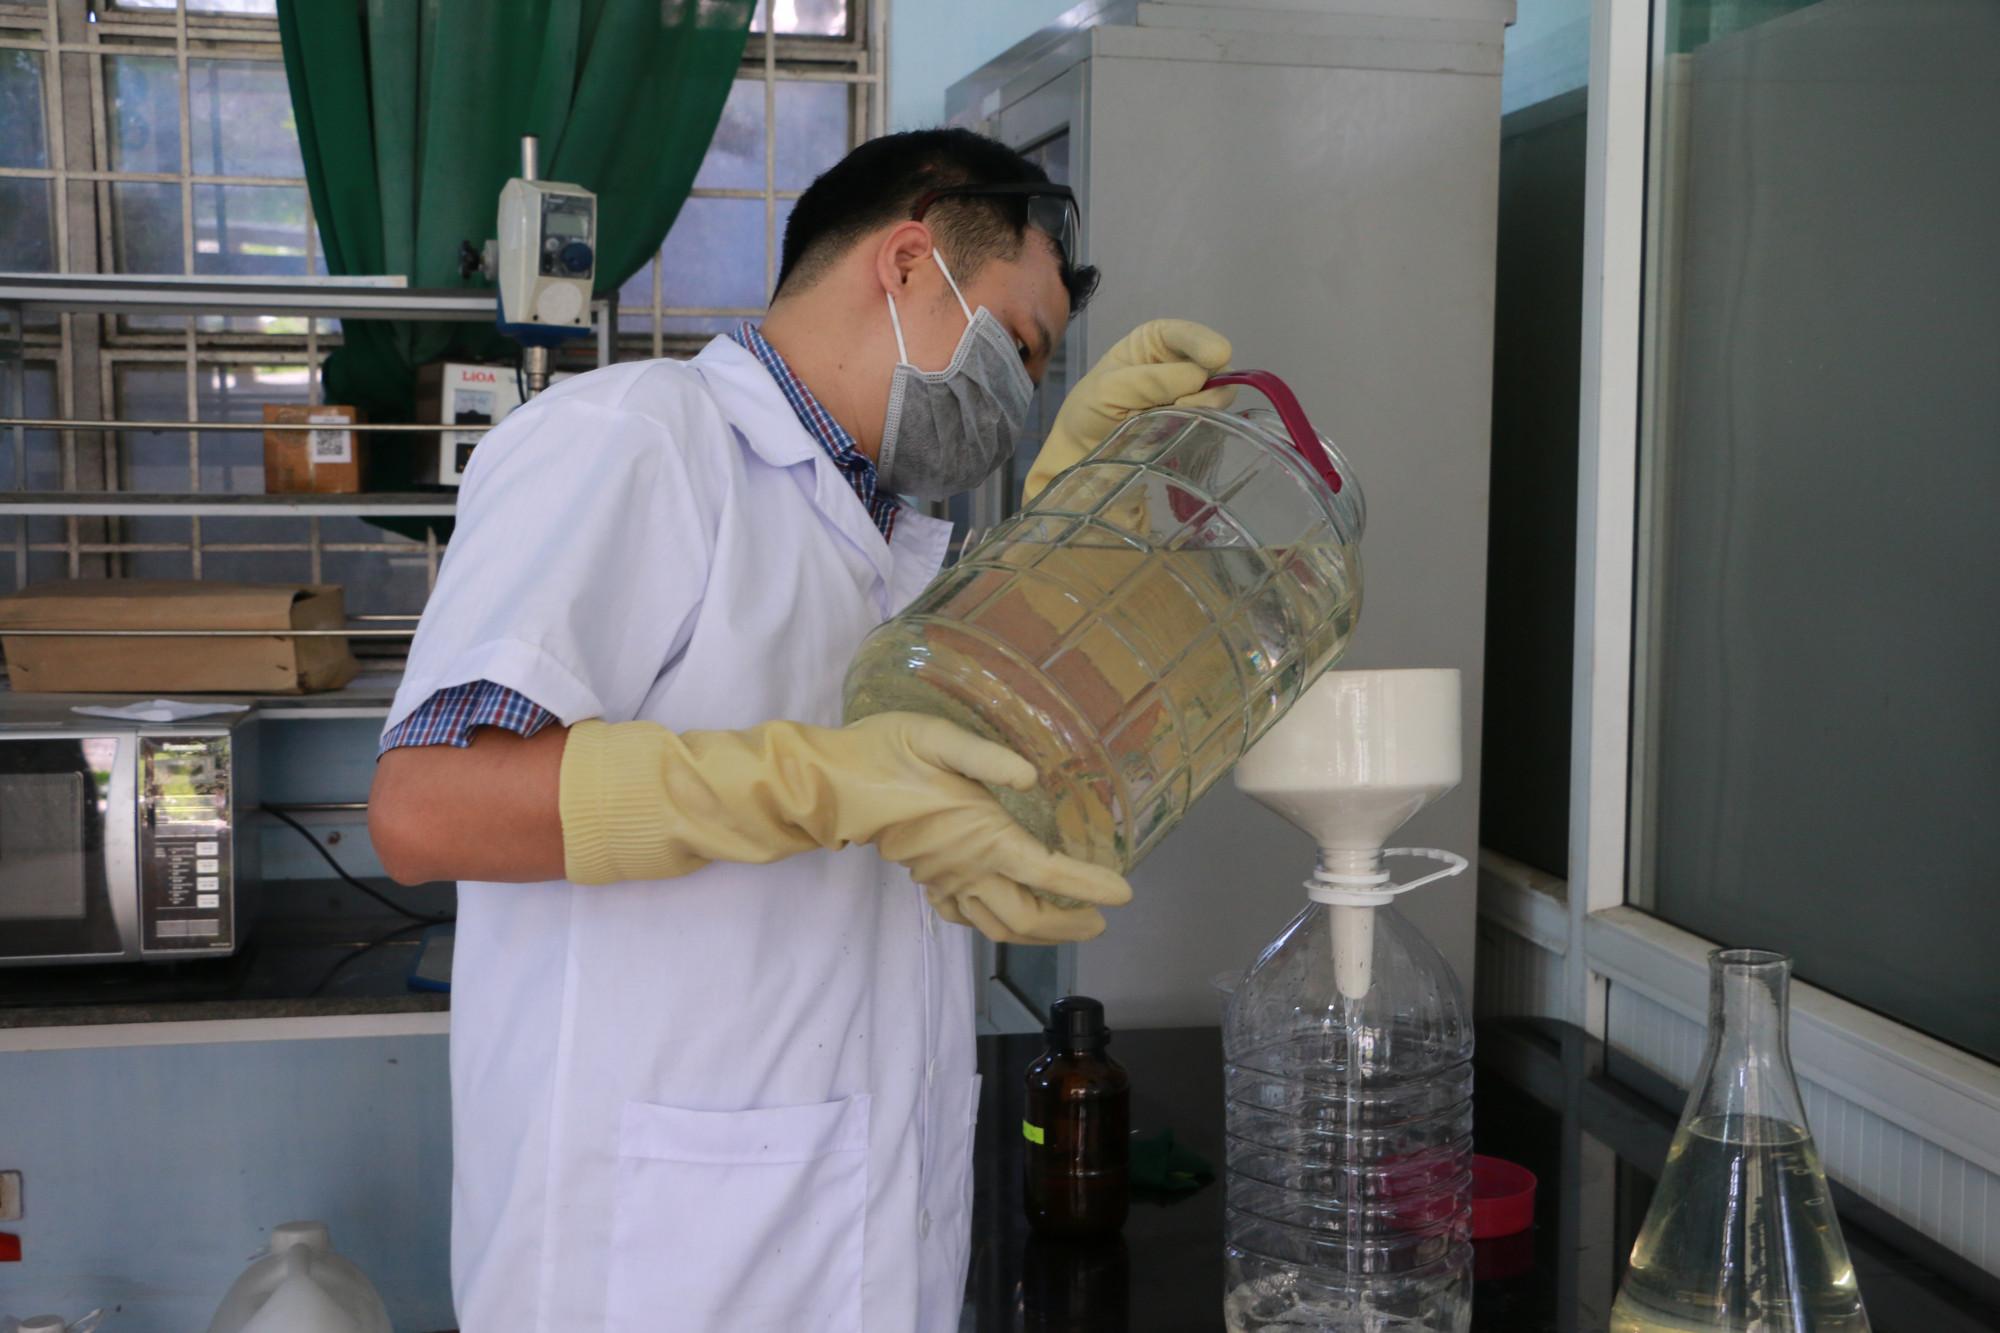 TS. Hóa học Đào Anh Quang cùng nhóm cộng sự đang sản xuất nước rửa tay khô diệt khuẩn để tặng cho người dân Huế